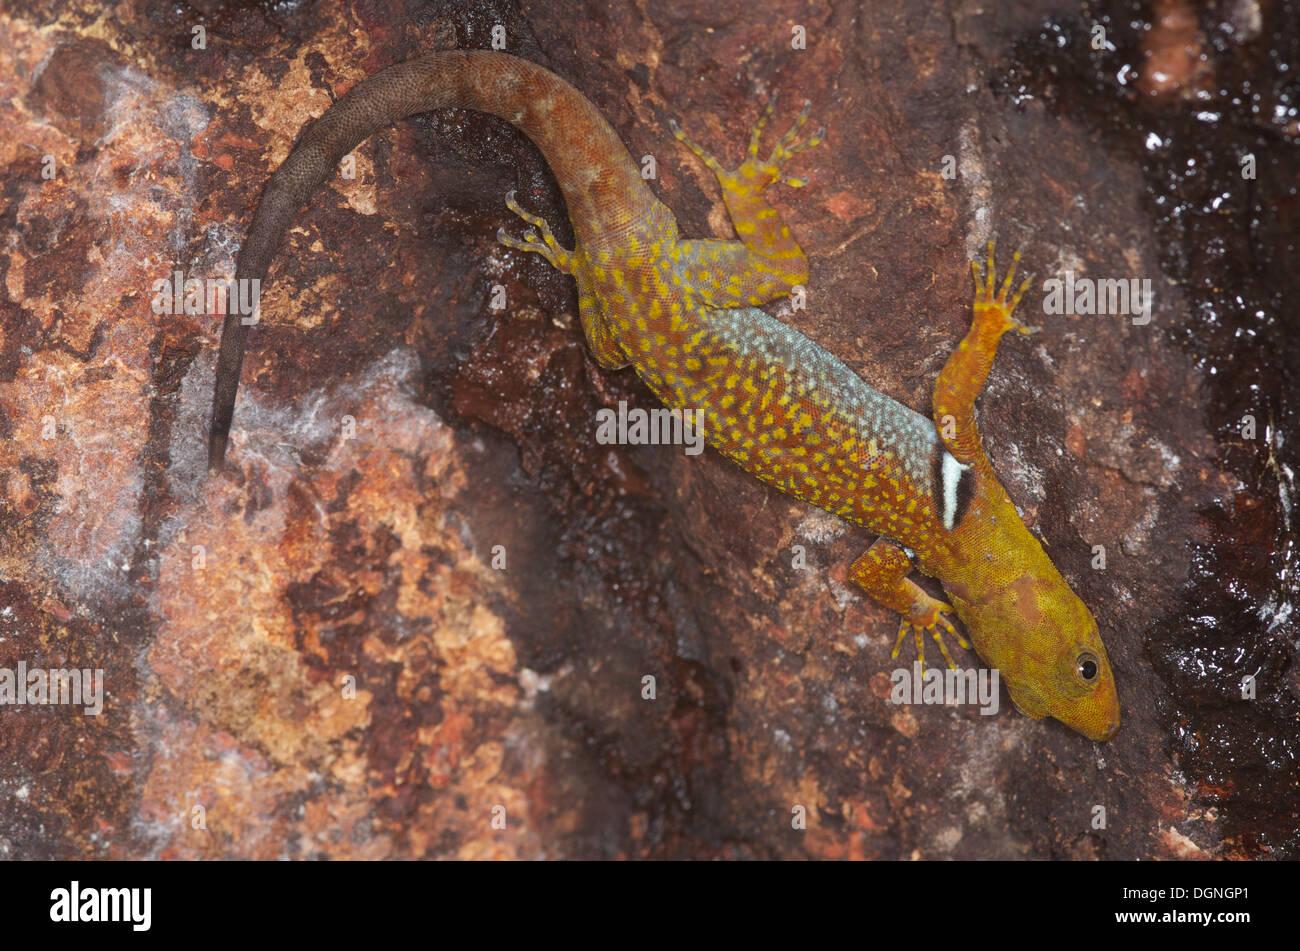 Un bosque escalonada (Gecko Gonatodes concinnatus) colgada en el tronco de un árbol de la selva amazónica de Loreto, Perú. Foto de stock